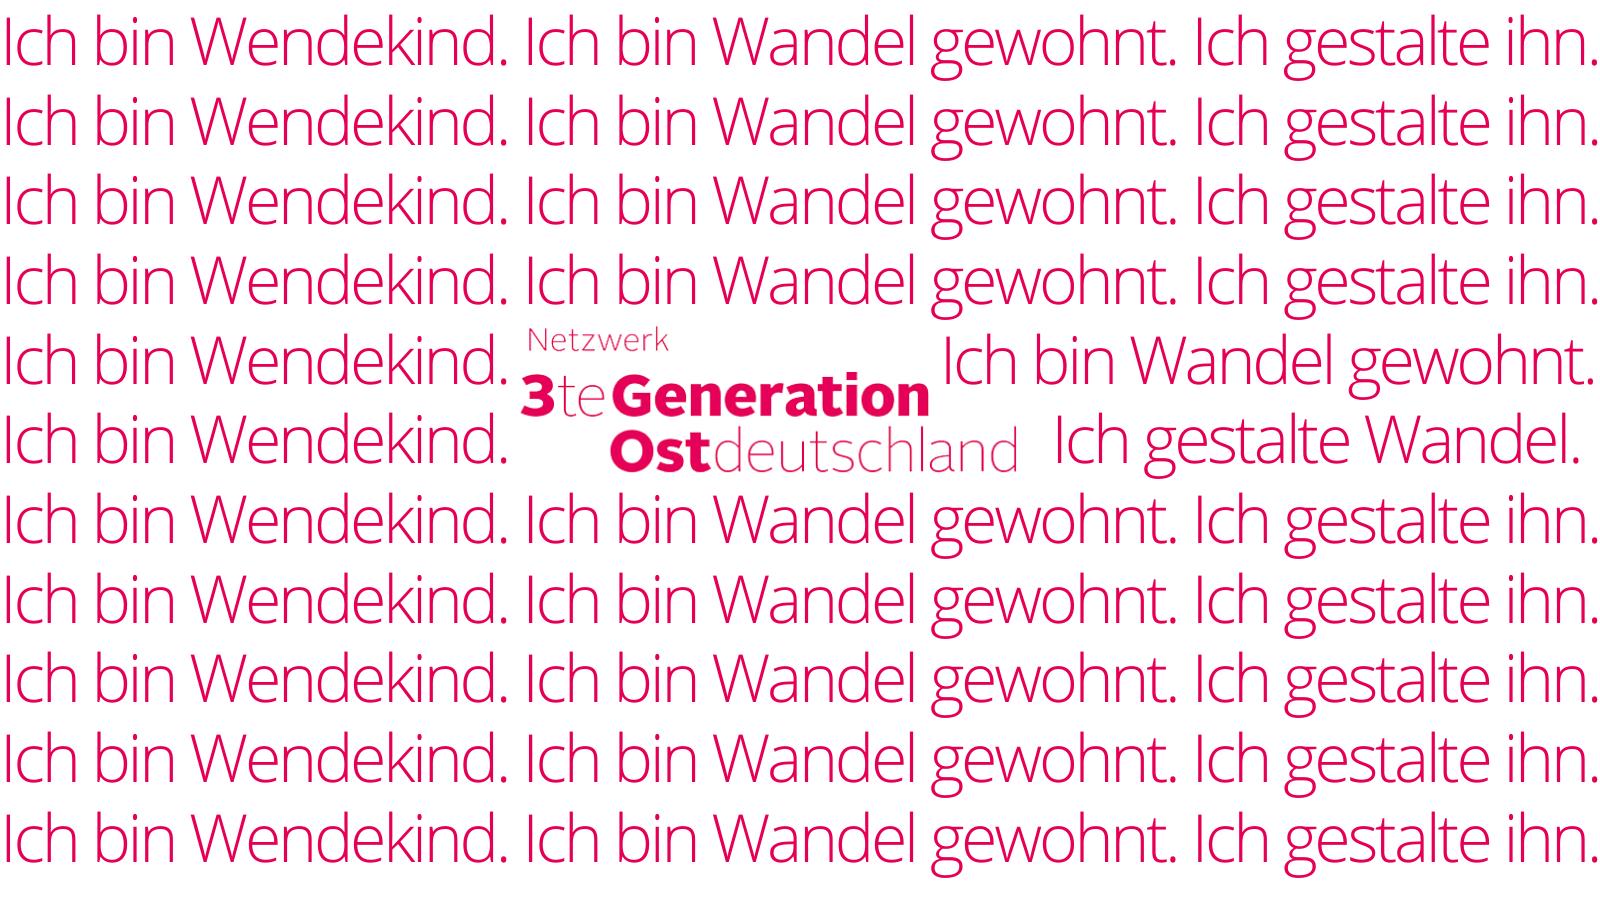 """Weißer Hintergrund. Pinker Text mit """"Ich bin Wendekind. Ich bin Wandel gewohnt. Ich gestalte ihn."""" sowie dem NEtzwerk 3te Generations Ost-Logo."""